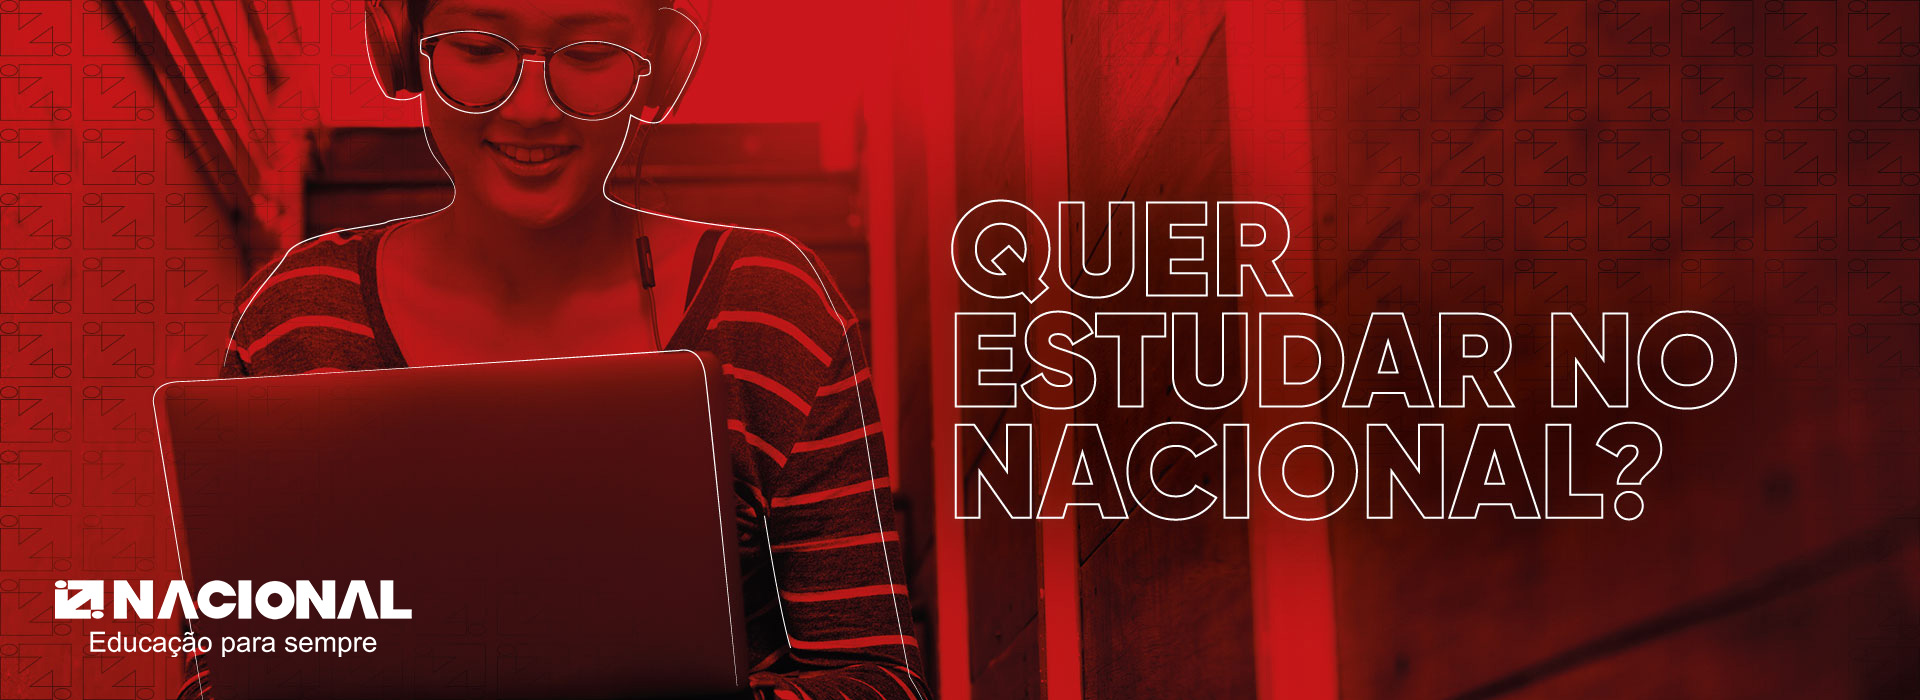 Quer estudar no Nacional